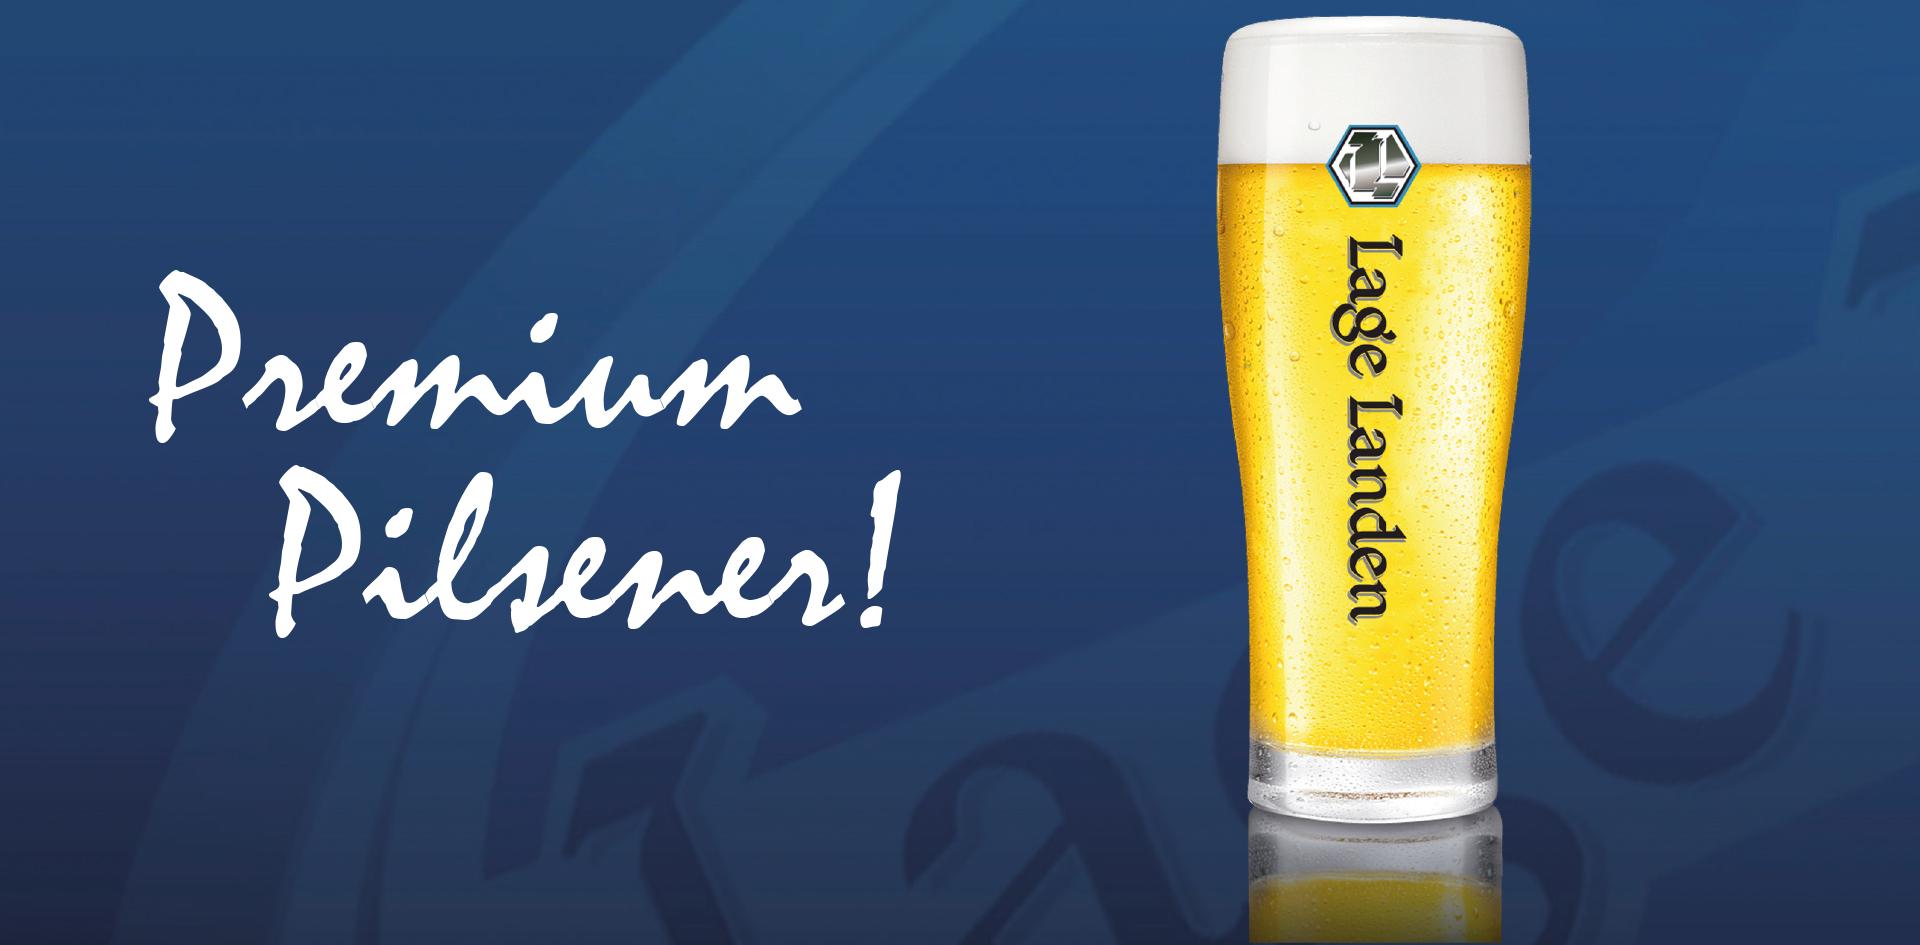 nectar-utrecht-pils-bier-brouwerij-nederland-lage-landen-pilsner-foto03